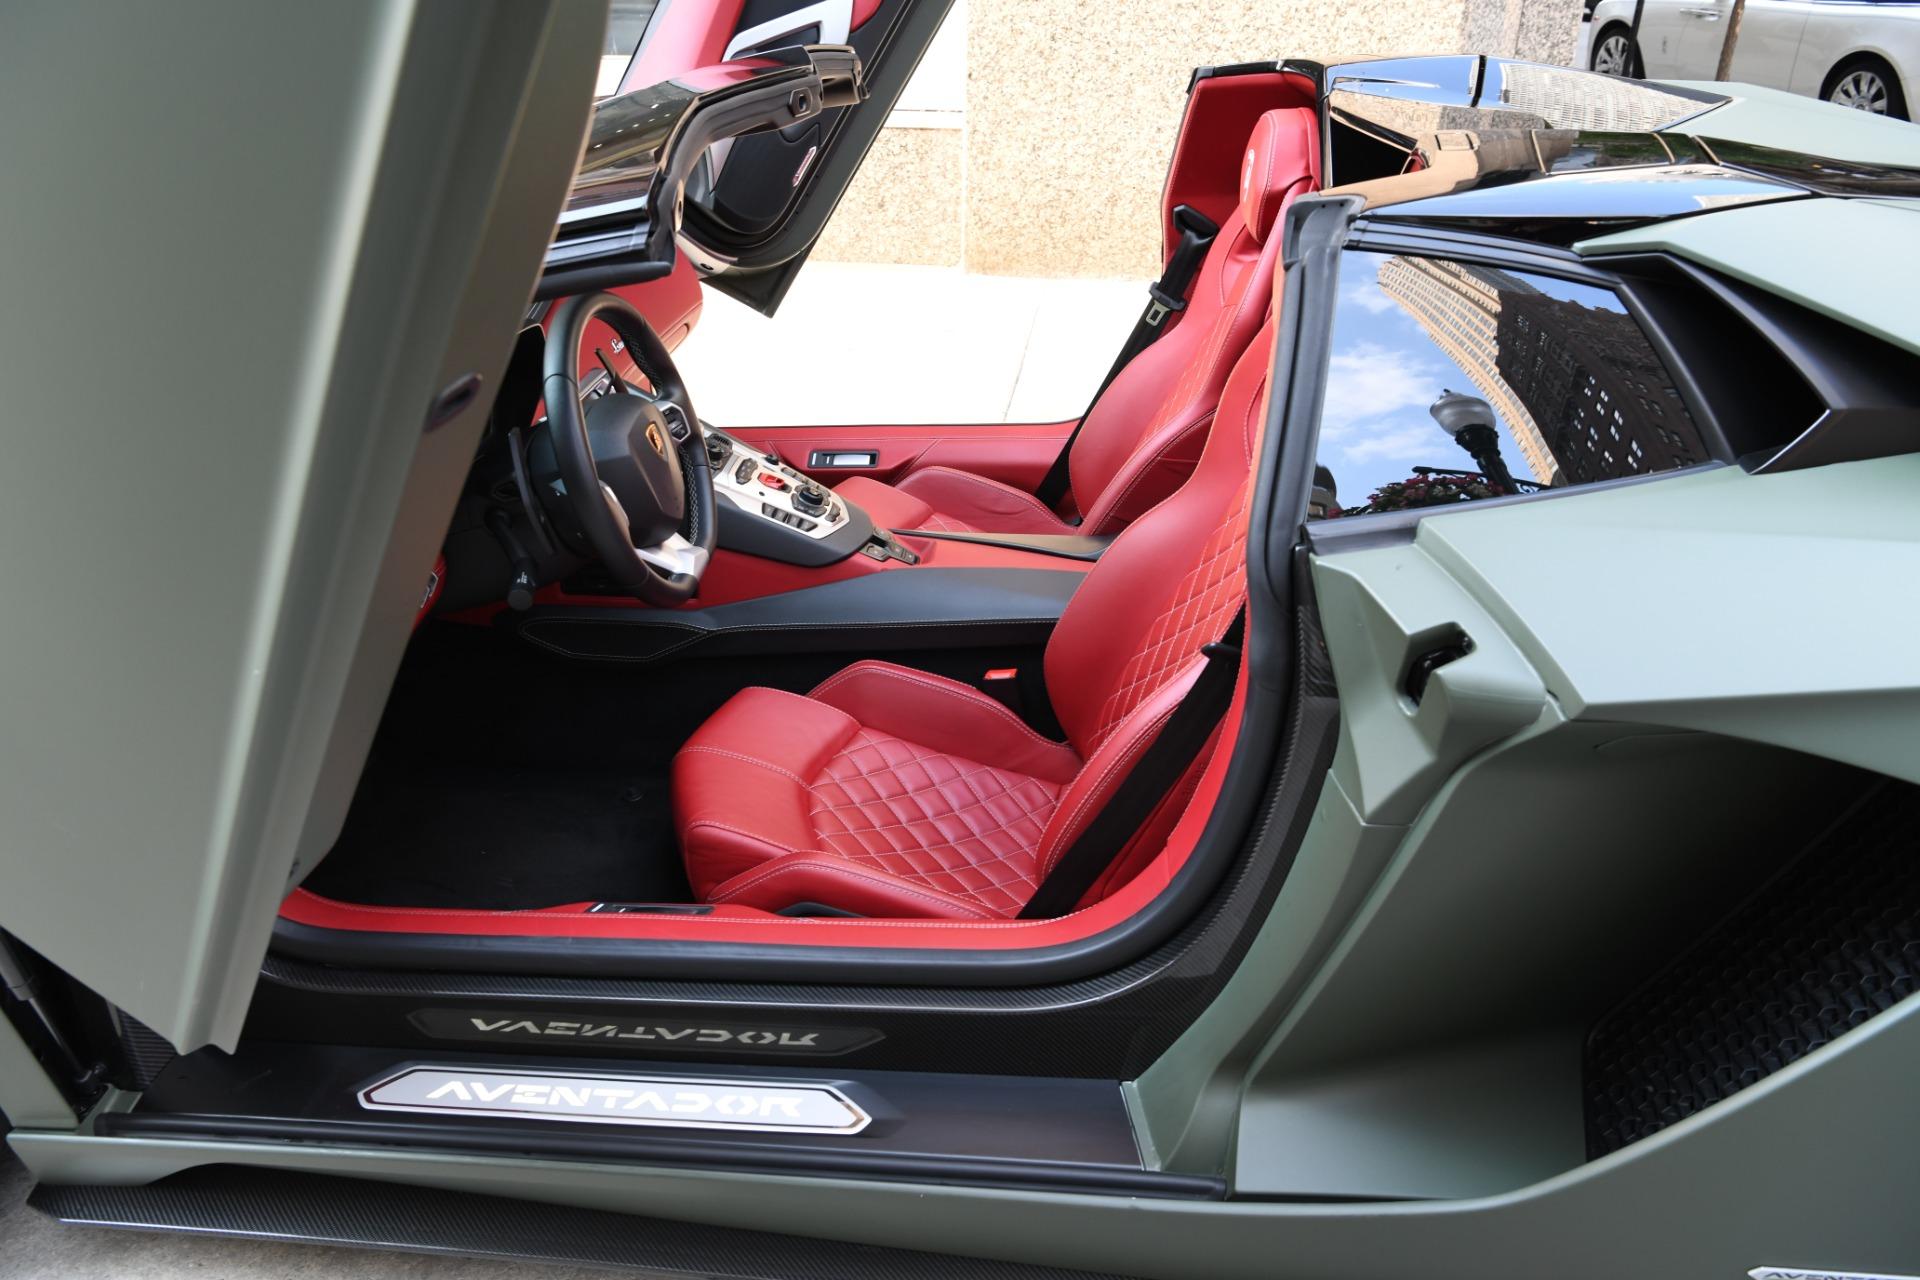 Used 2018 Lamborghini Aventador S Roadster LP 740-4 S   Chicago, IL